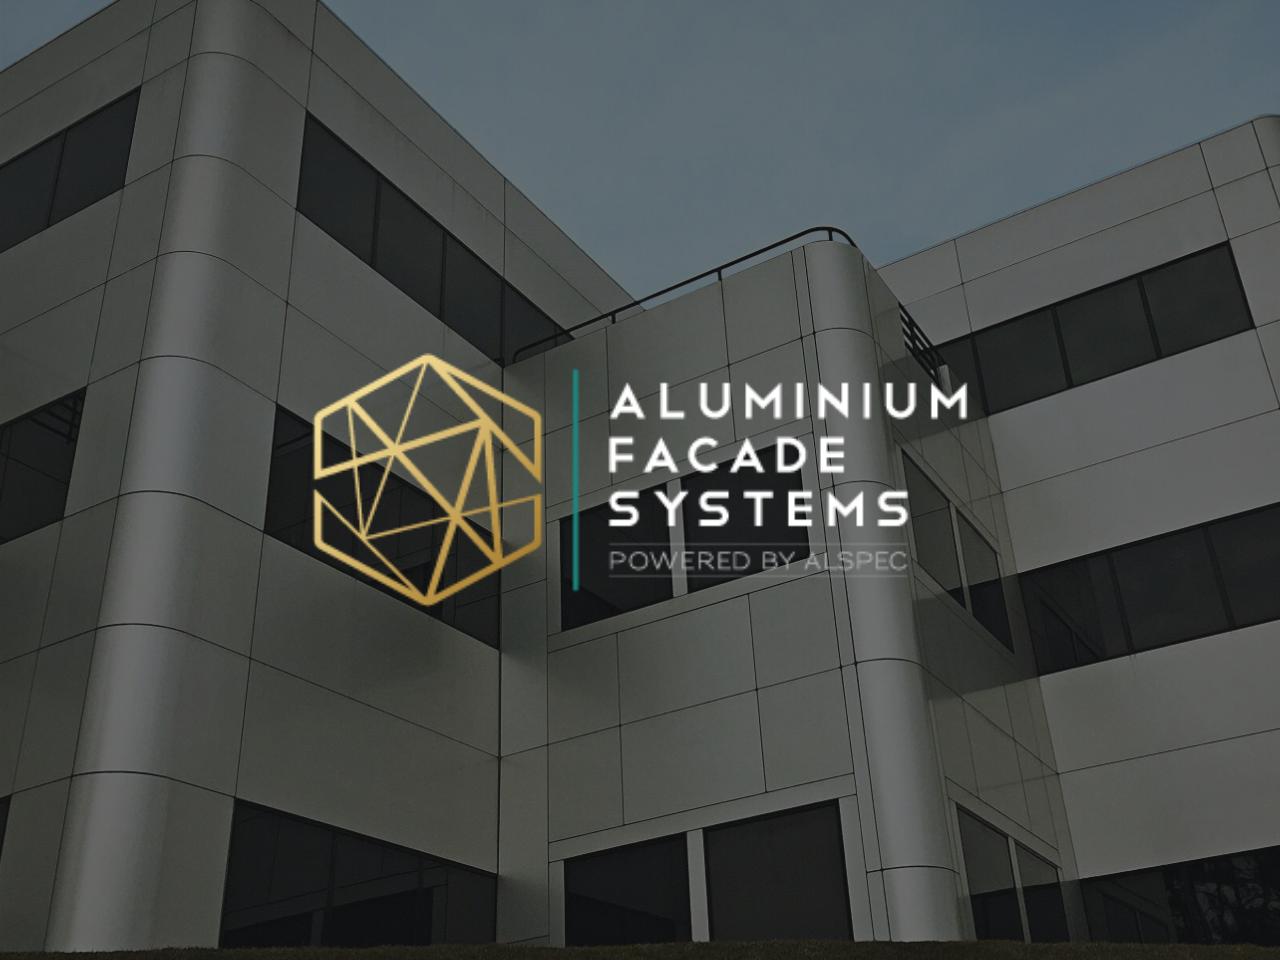 Introducing Aluminium Facade Systems